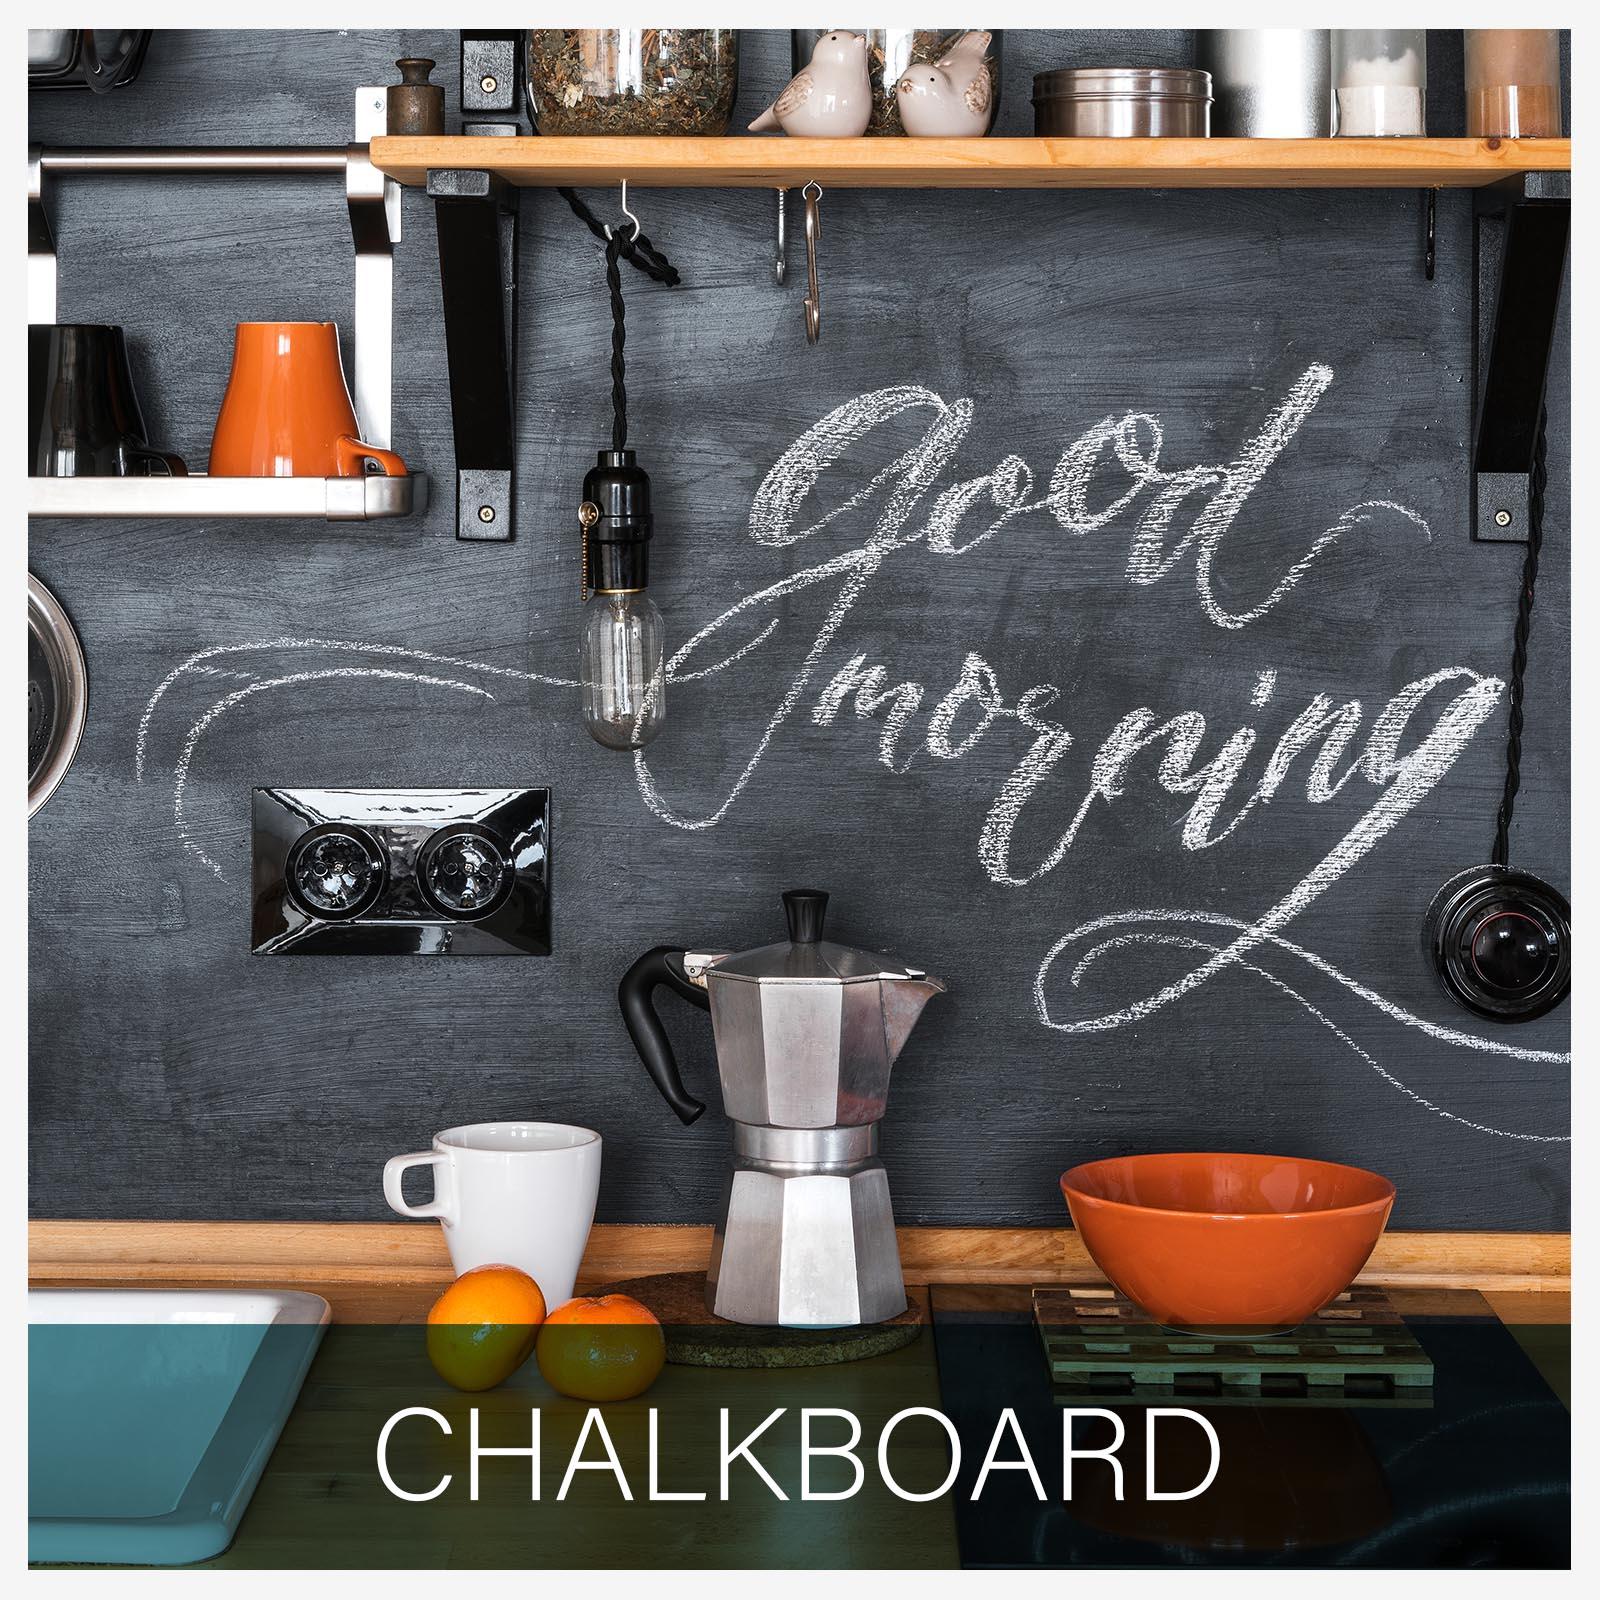 chalkboard-tekst